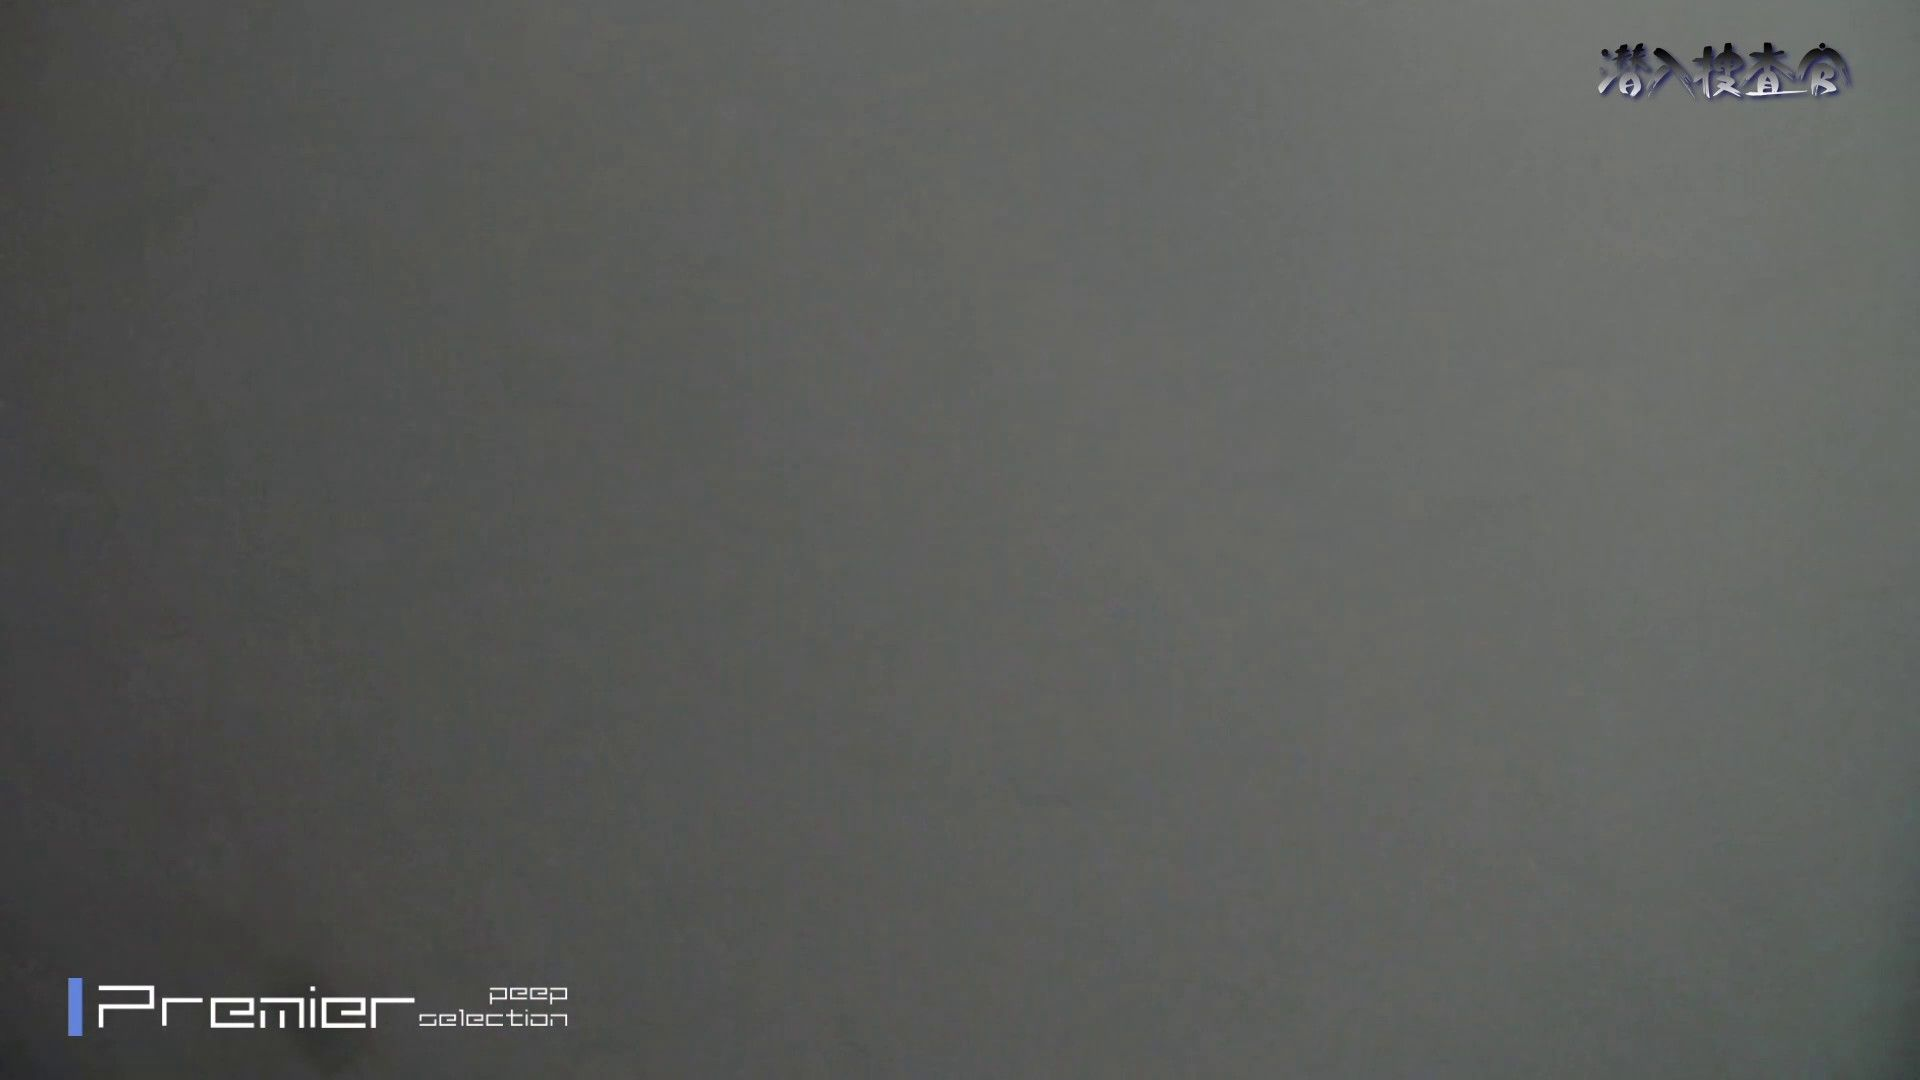 下からノゾム vol.039 やりすぎ、うぶげまで見えてます。 高画質 オメコ動画キャプチャ 111画像 92